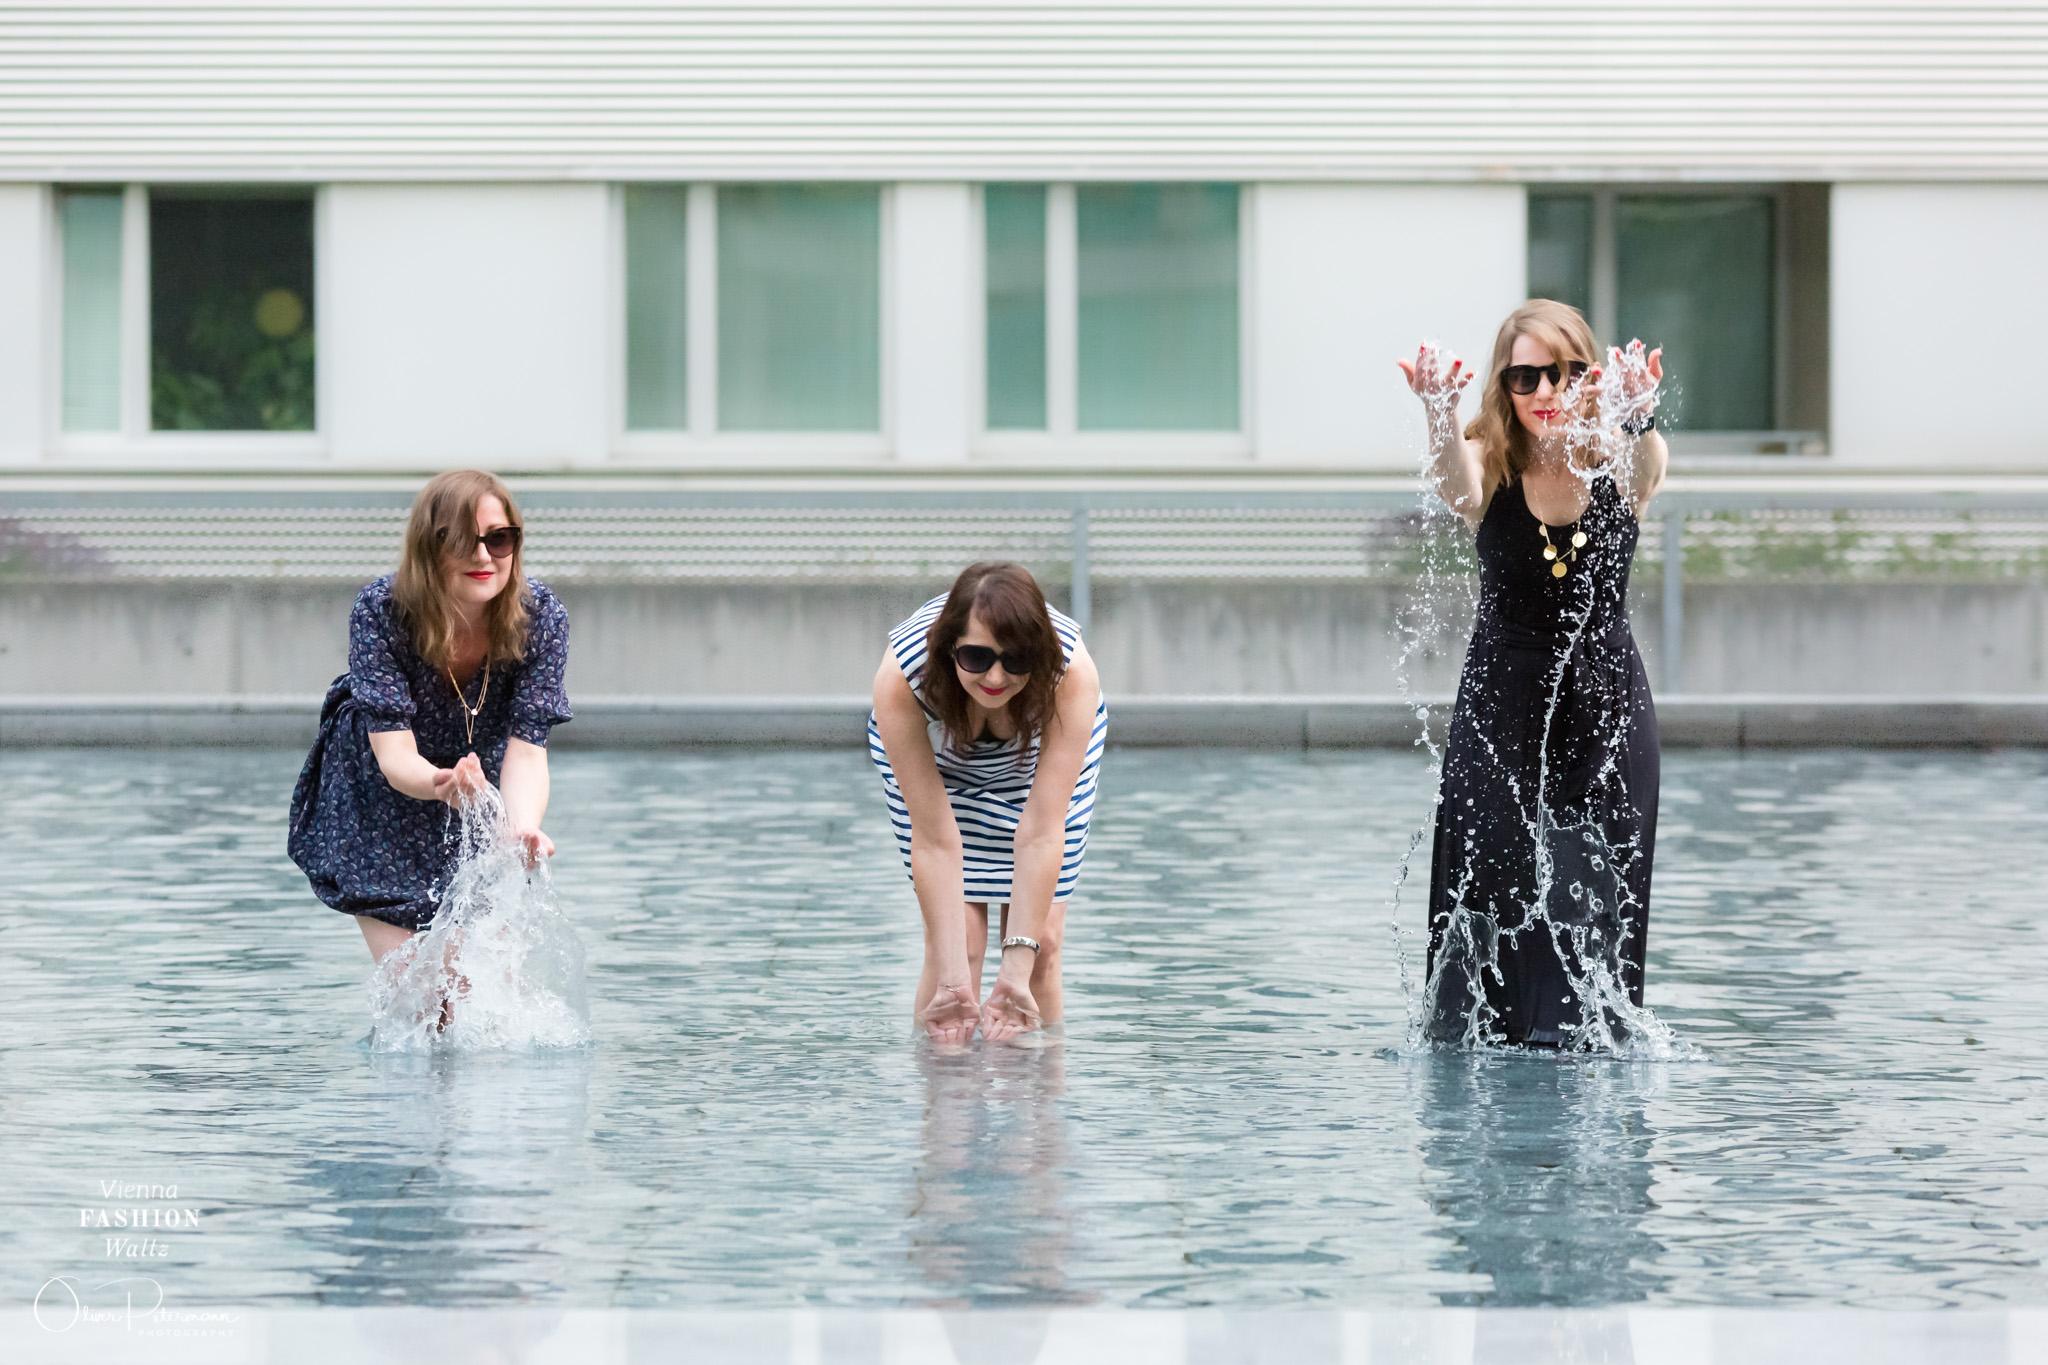 French Girl Style, www.viennafashionwaltz.com